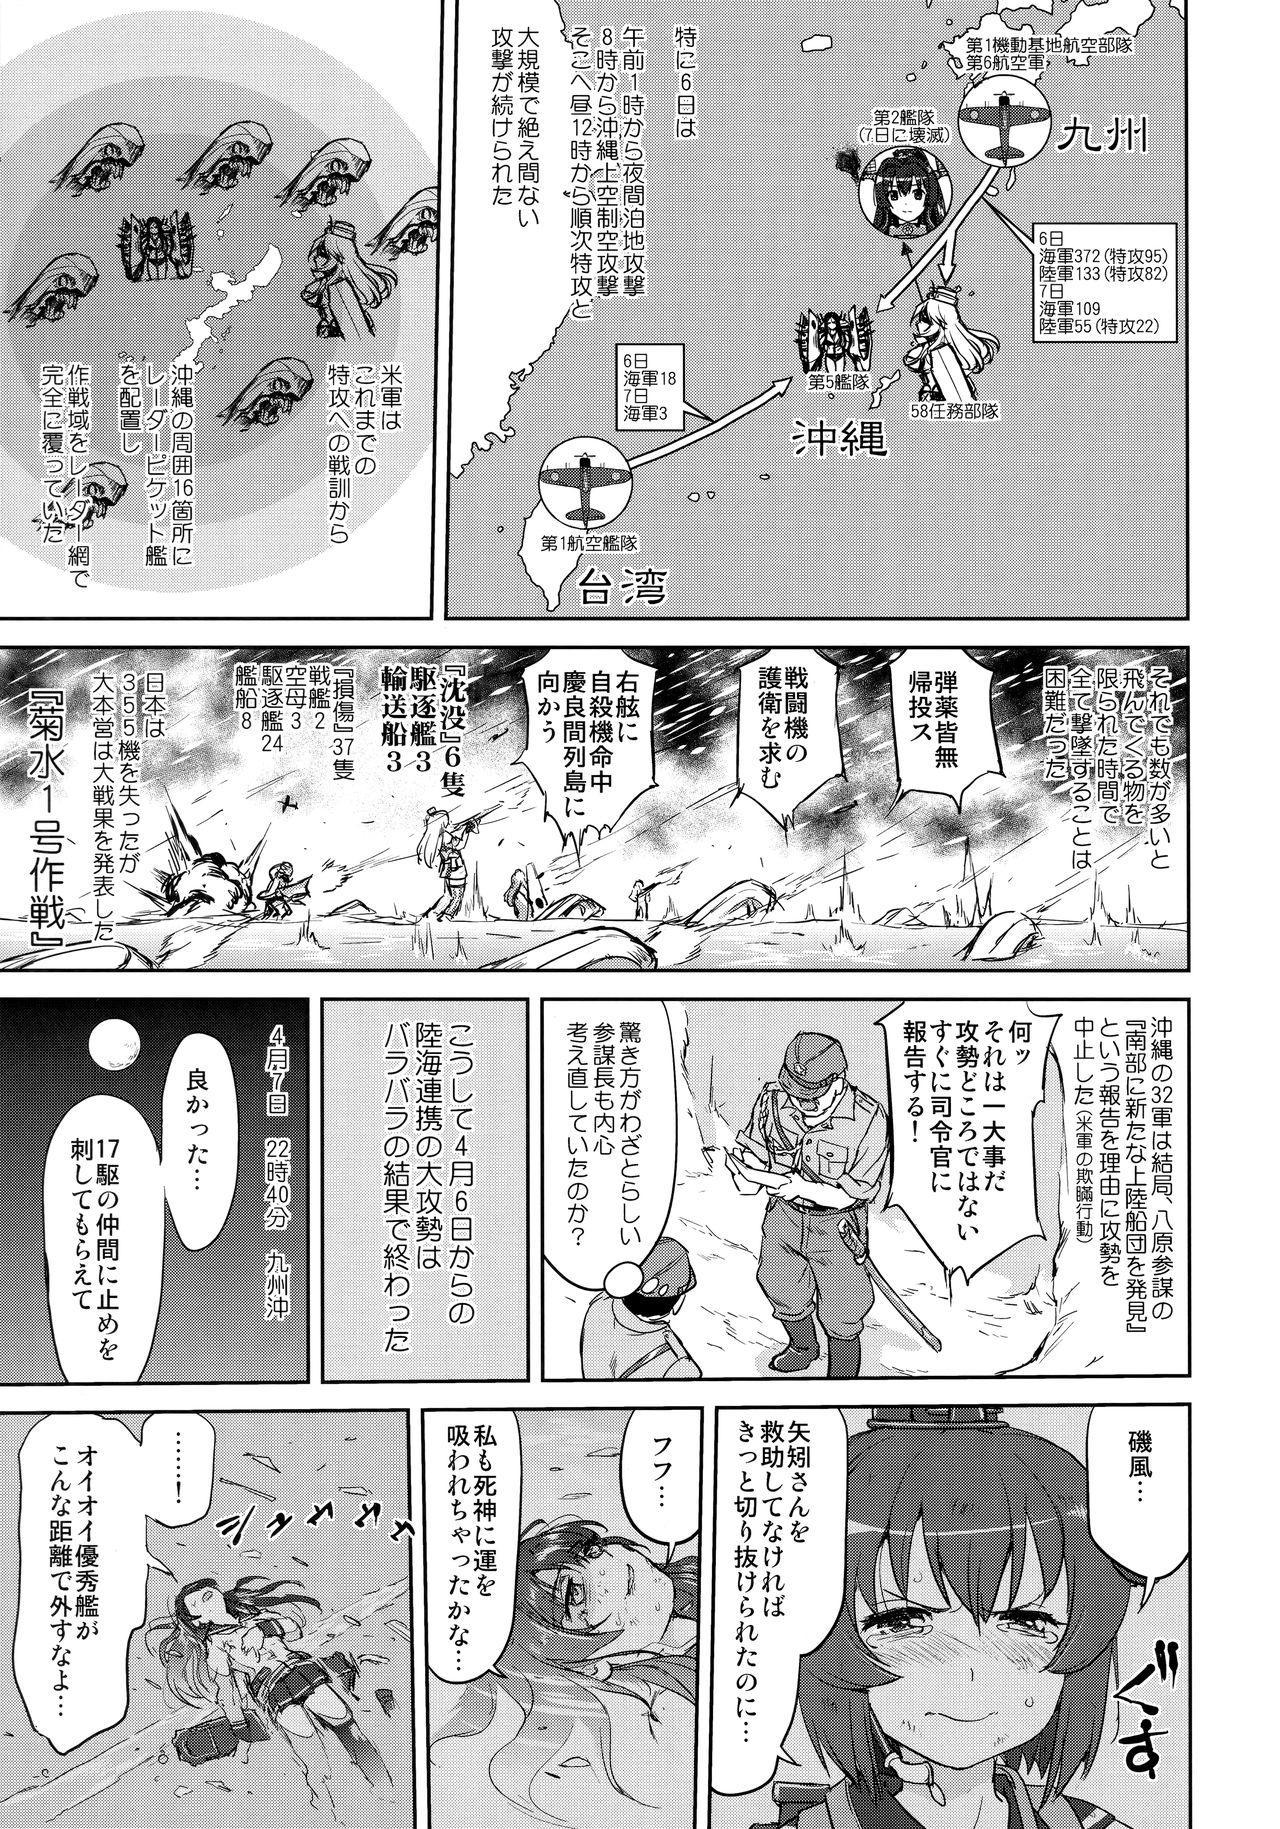 Teitoku no Ketsudan Kanmusu no Ichiban Nagai Hi 17